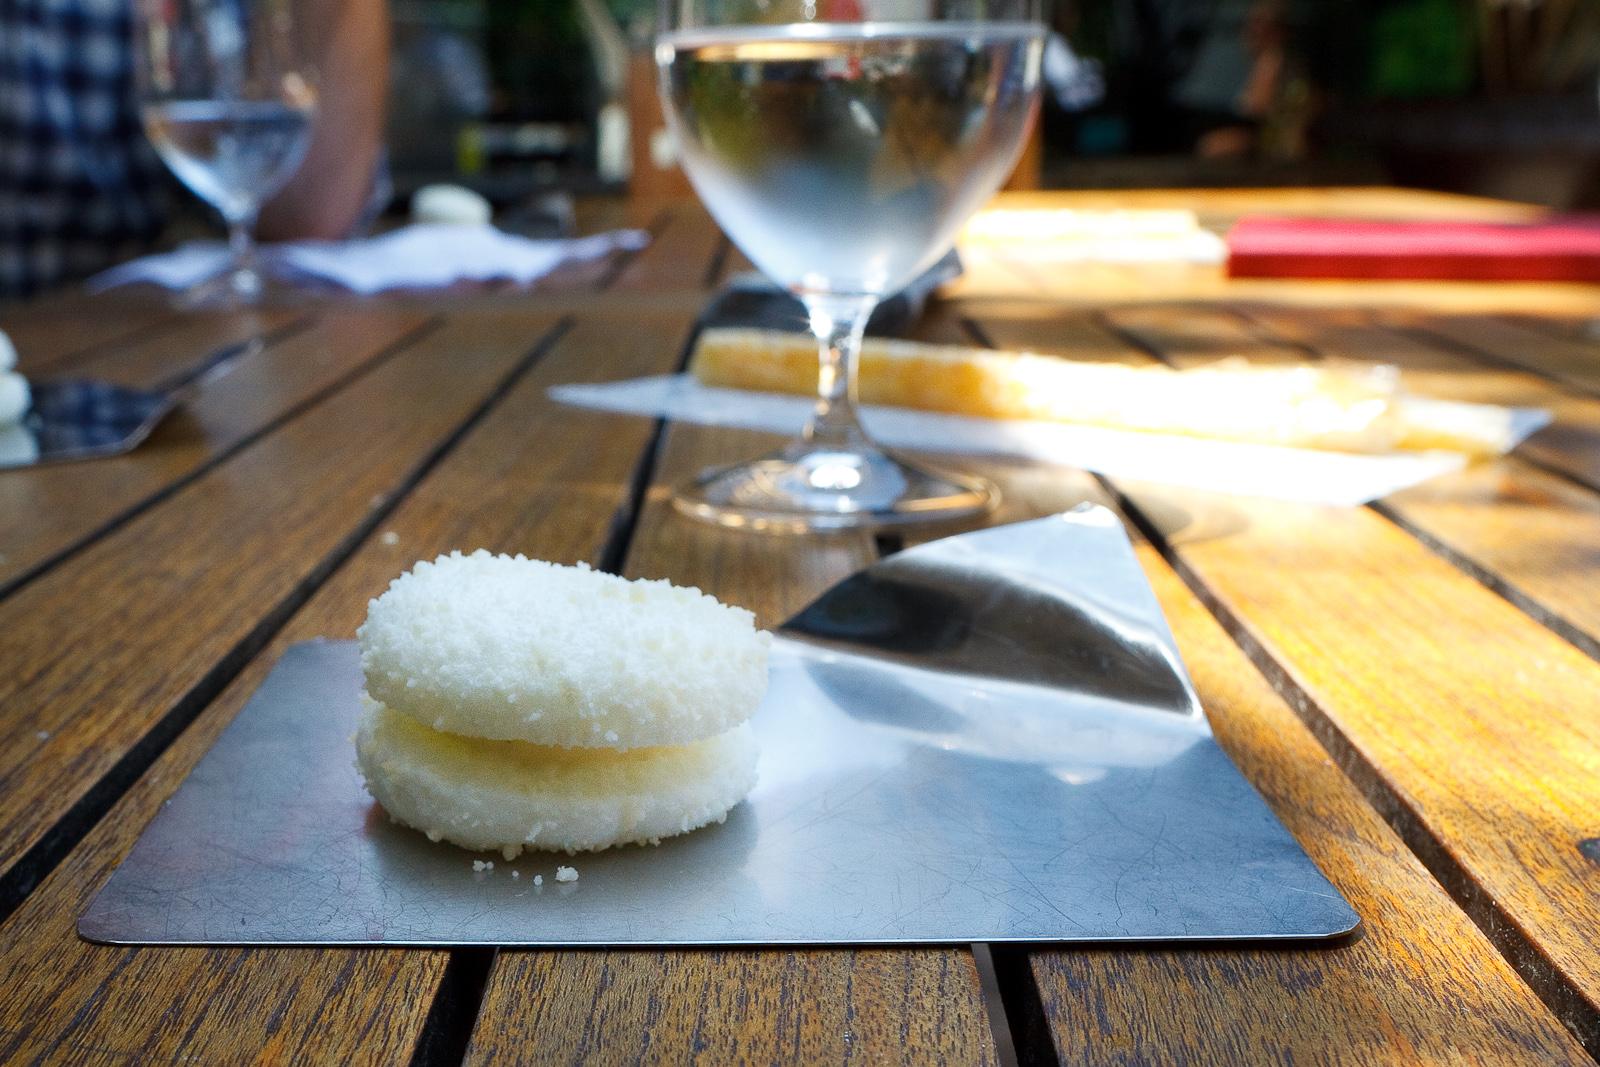 El Bulli, Spain - 8th Course: Parmesan cheese macaron